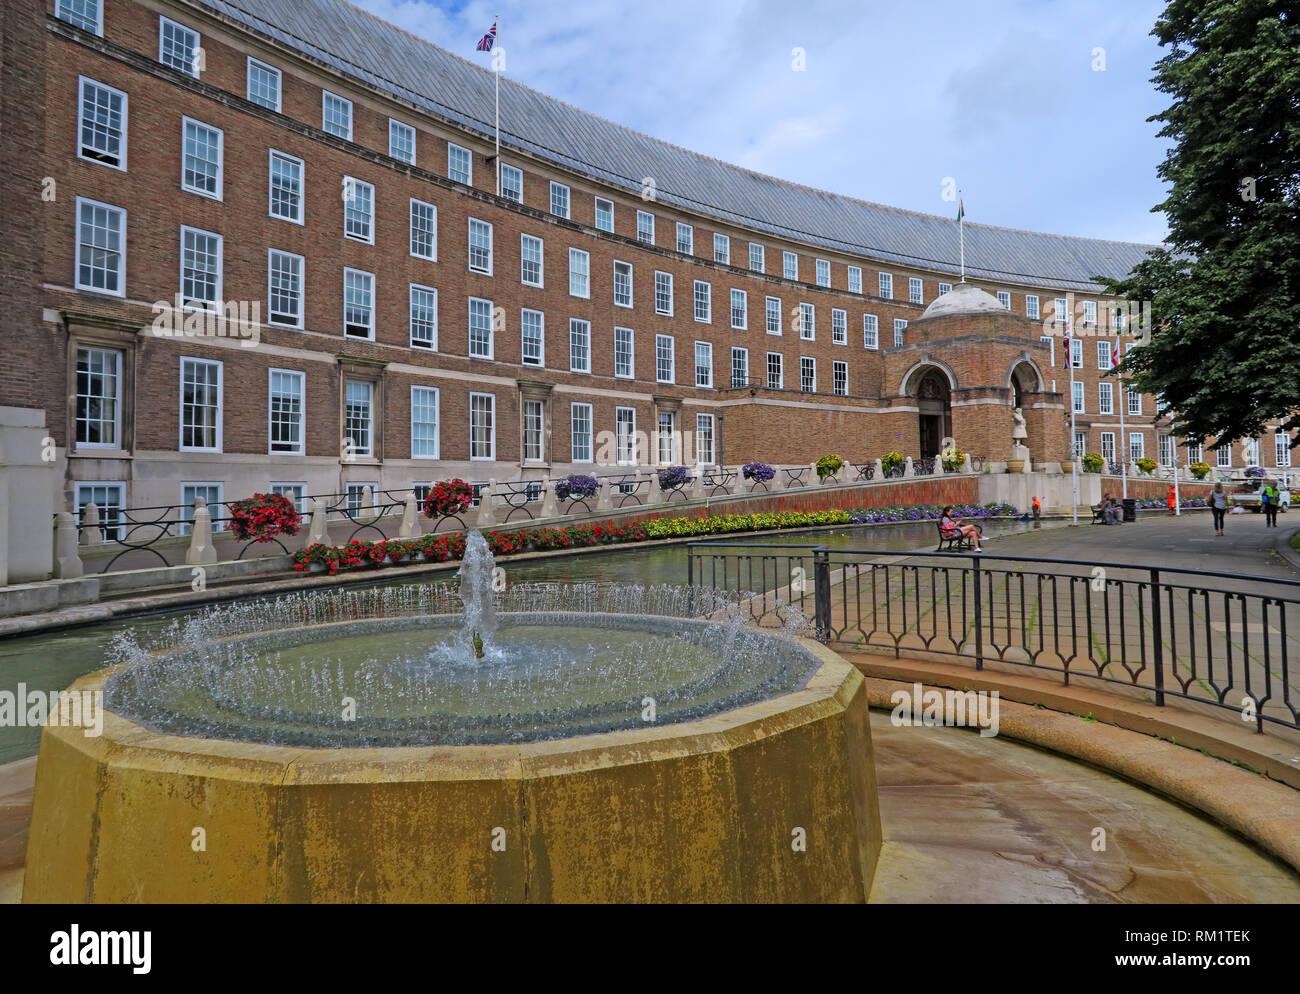 GoTonySmith,HotpixUK,@HotpixUK,England,UK,Bristol,water,waterside,South